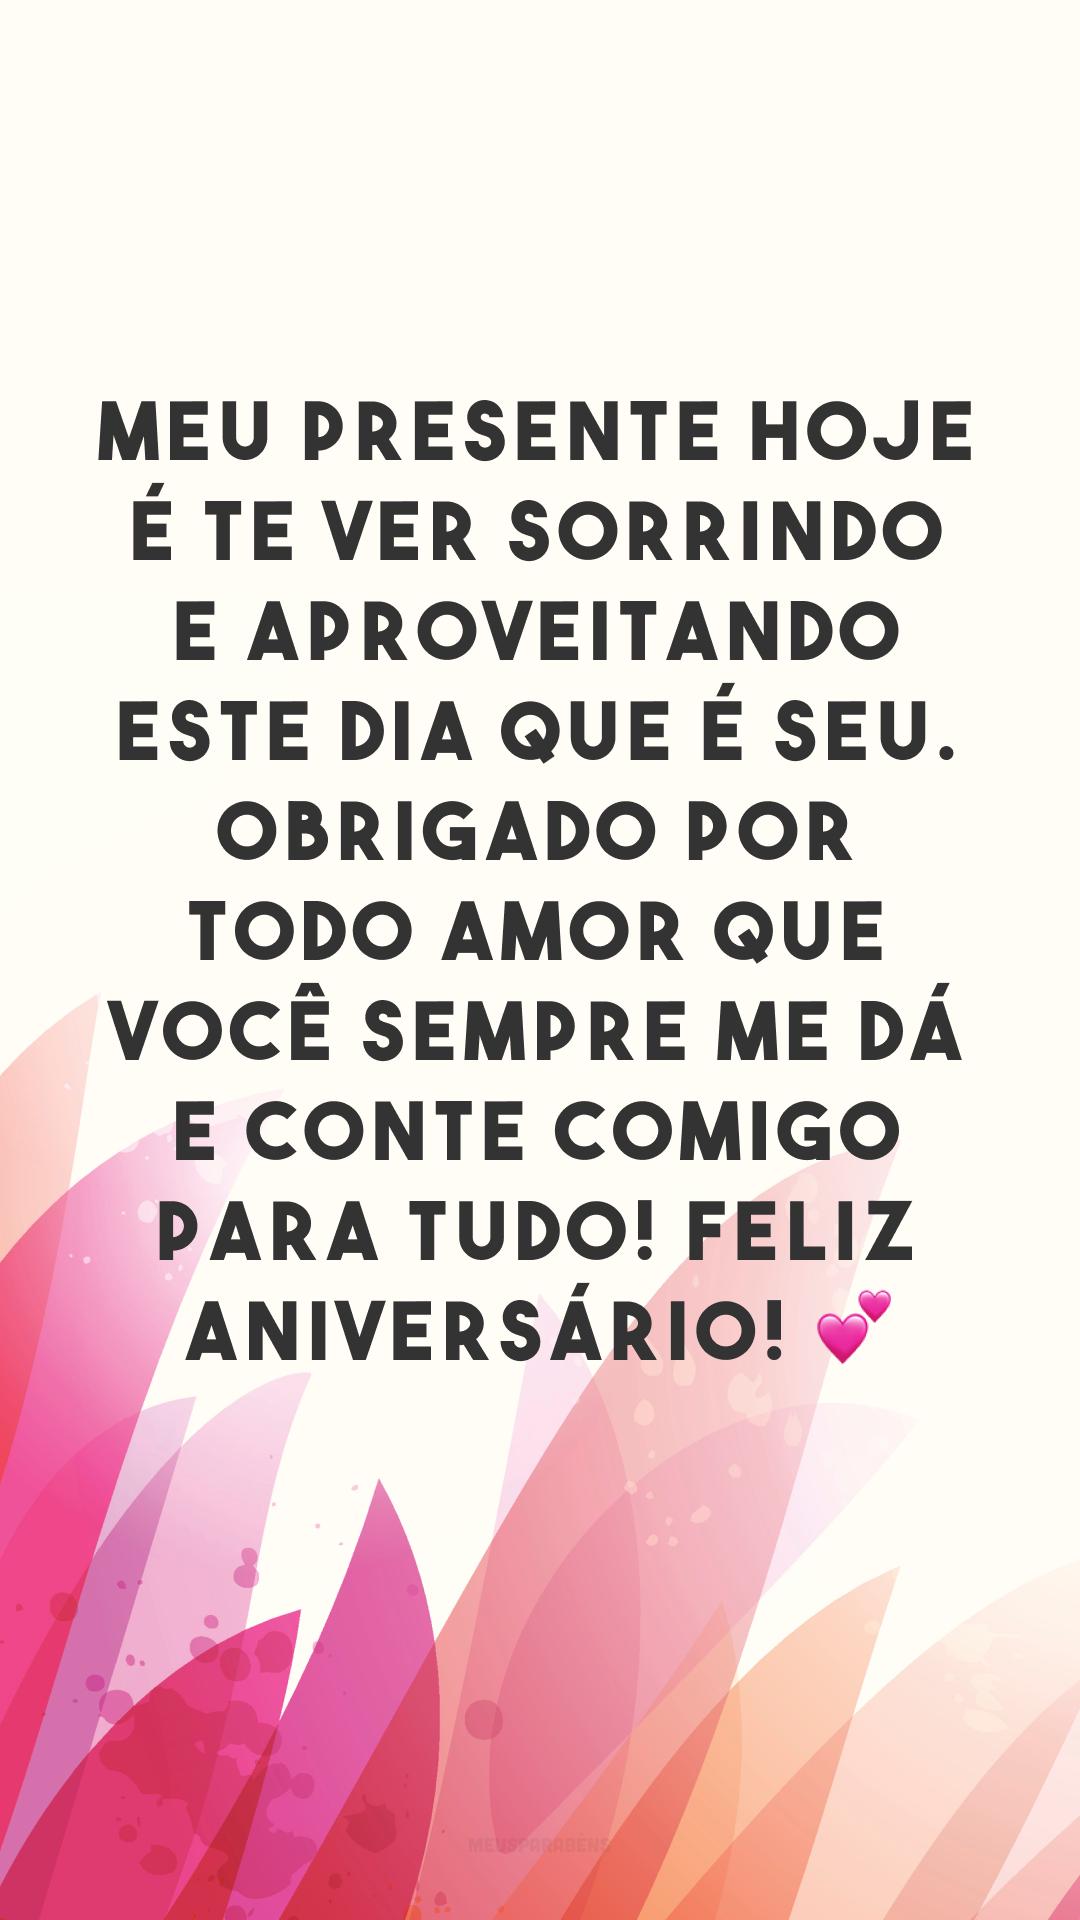 Meu presente hoje é te ver sorrindo e aproveitando este dia que é seu. Obrigado por todo amor que você sempre me dá e conte comigo para tudo! Feliz aniversário! 💕